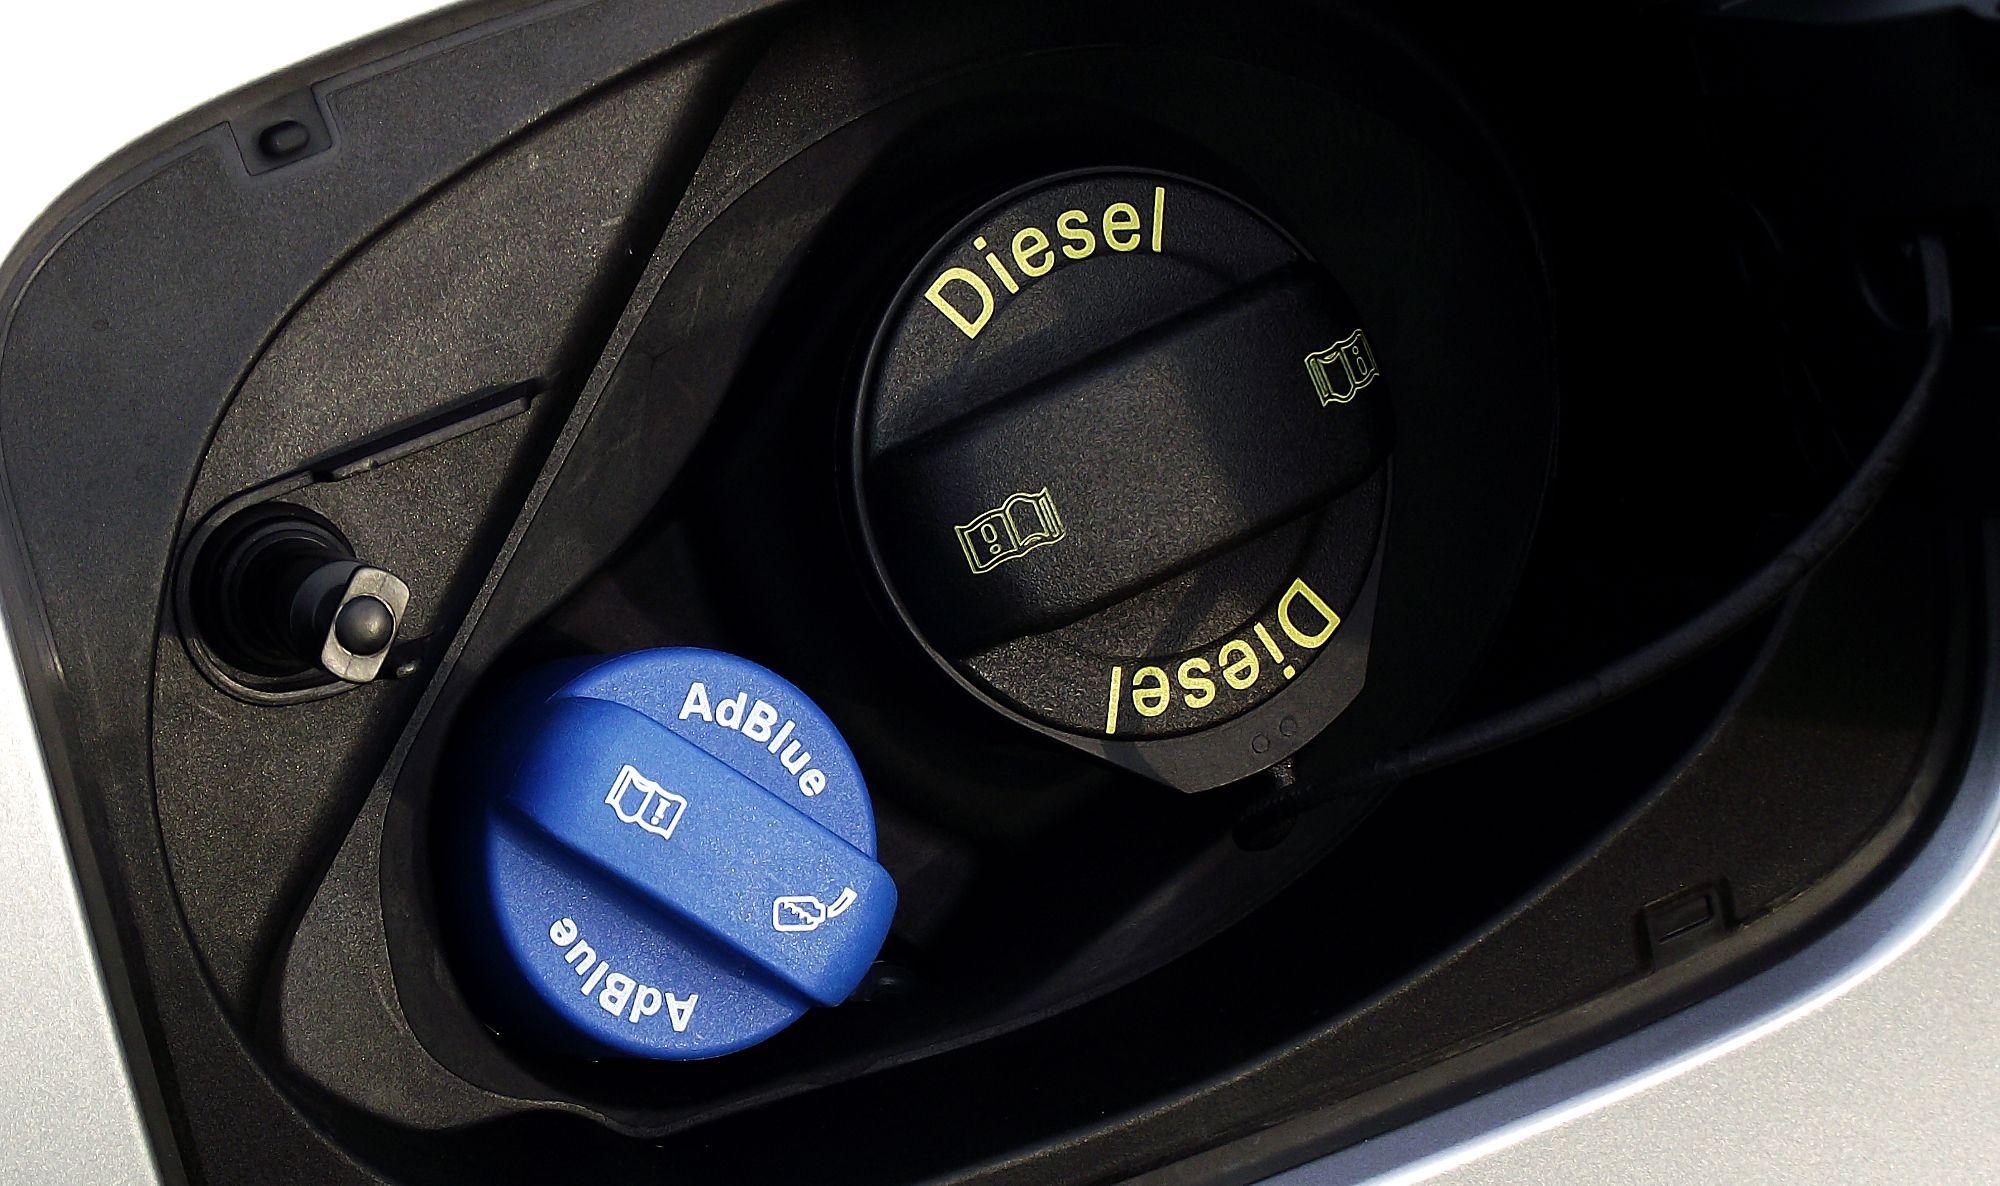 2015 Audi Q3 2.0 TDI quattro mit Tankeinfuellstutzen für AdBlue